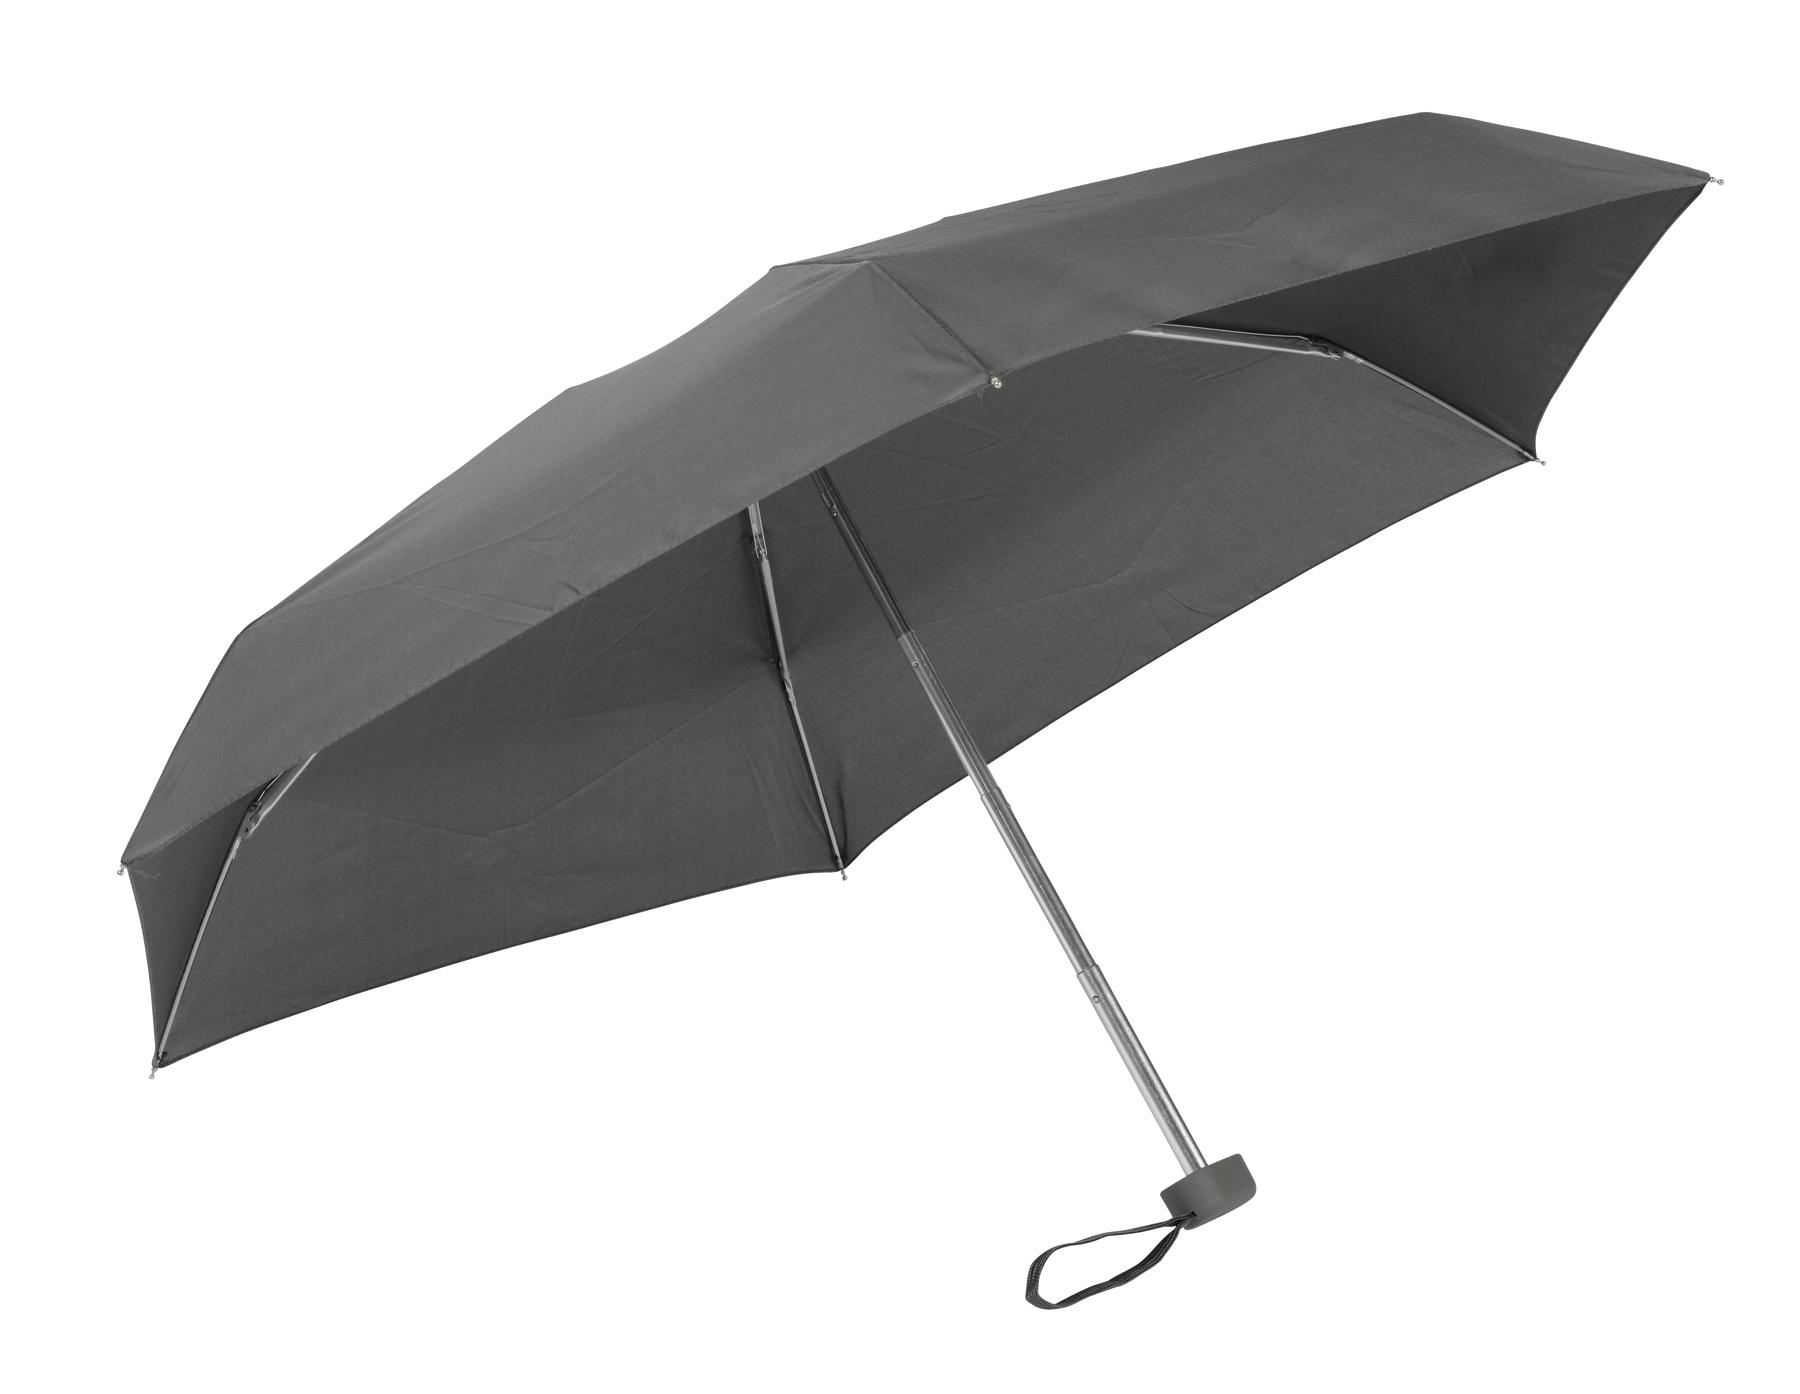 Lekki, super-mini parasol POCKET, szary